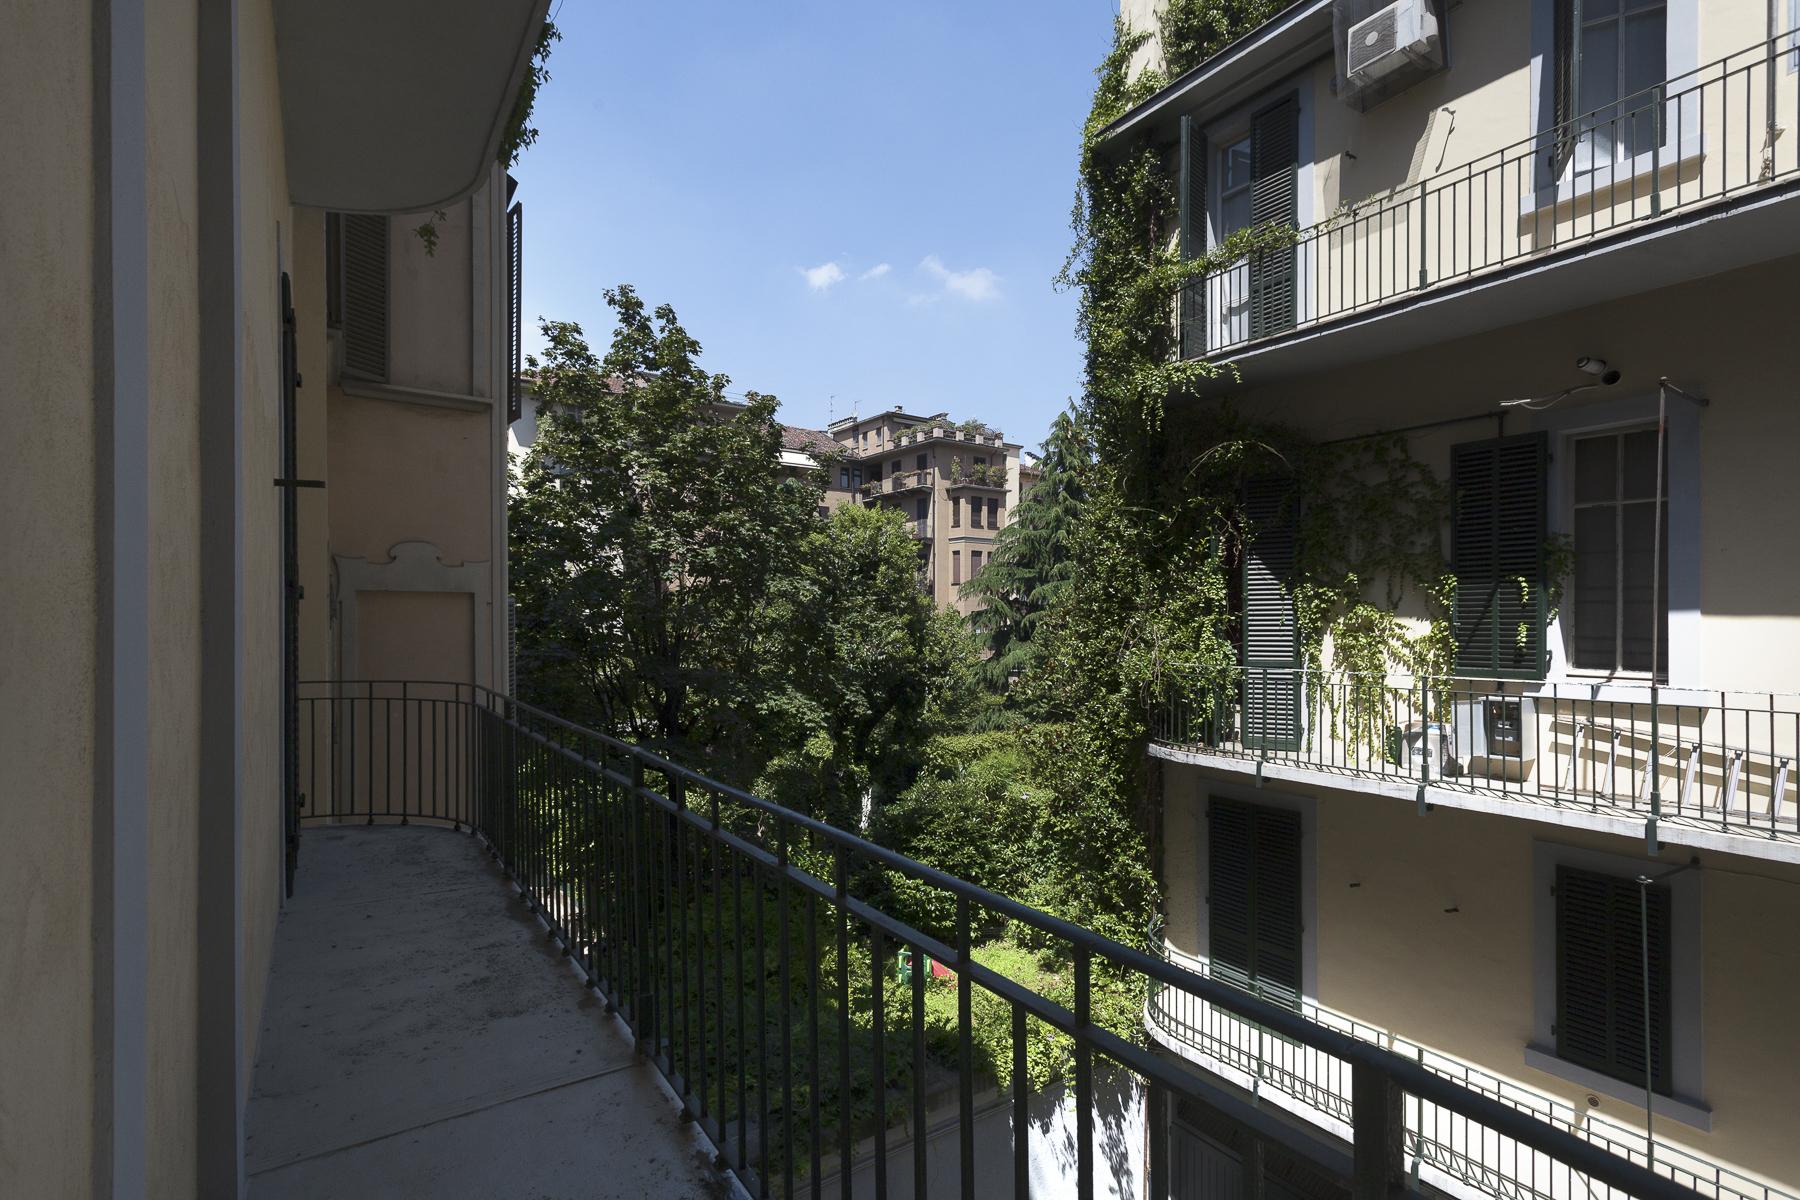 Additional photo for property listing at Ufficio di rappresentanza nel cuore del quartiere Crocetta Corso Re Umberto Torino, Torino 10128 Italia